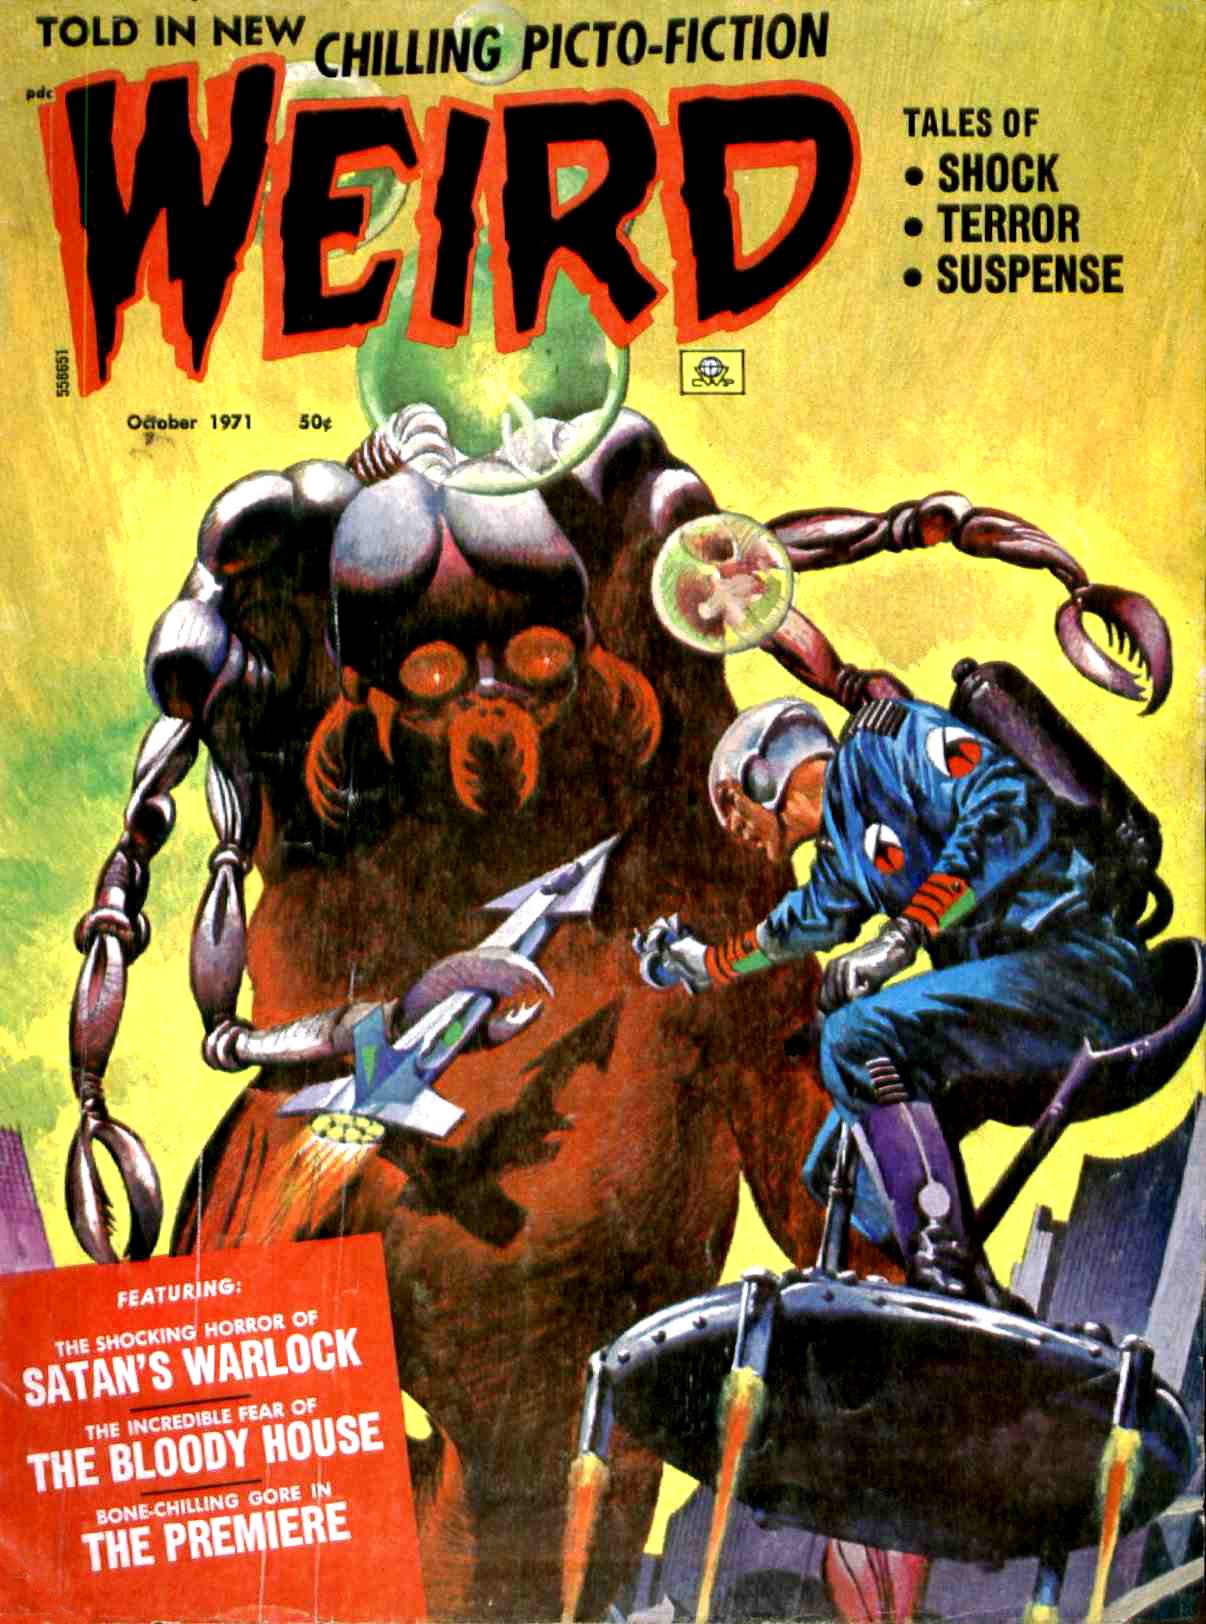 Weird Vol. 05 #5 (Eerie Publications, 1971)